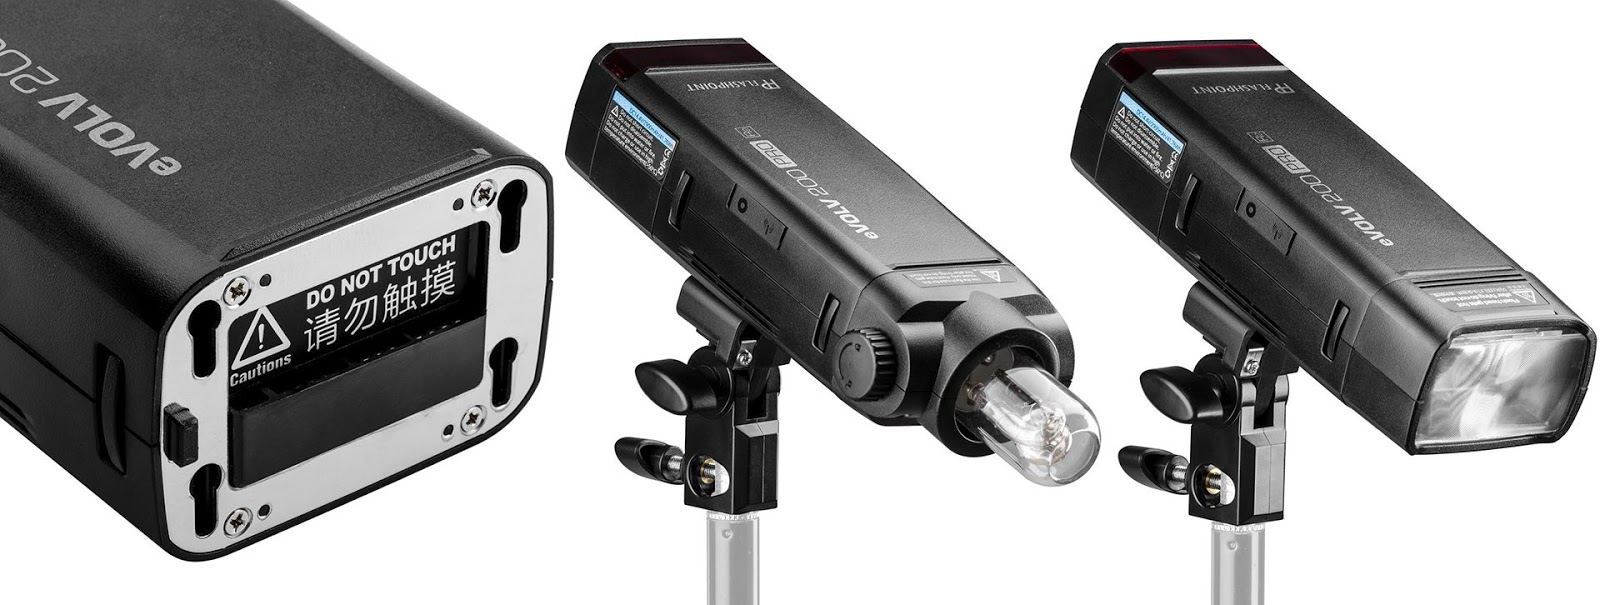 Сменные головы для Flashpoint eVOLV 200 Pro (Godox AD200 Pro)